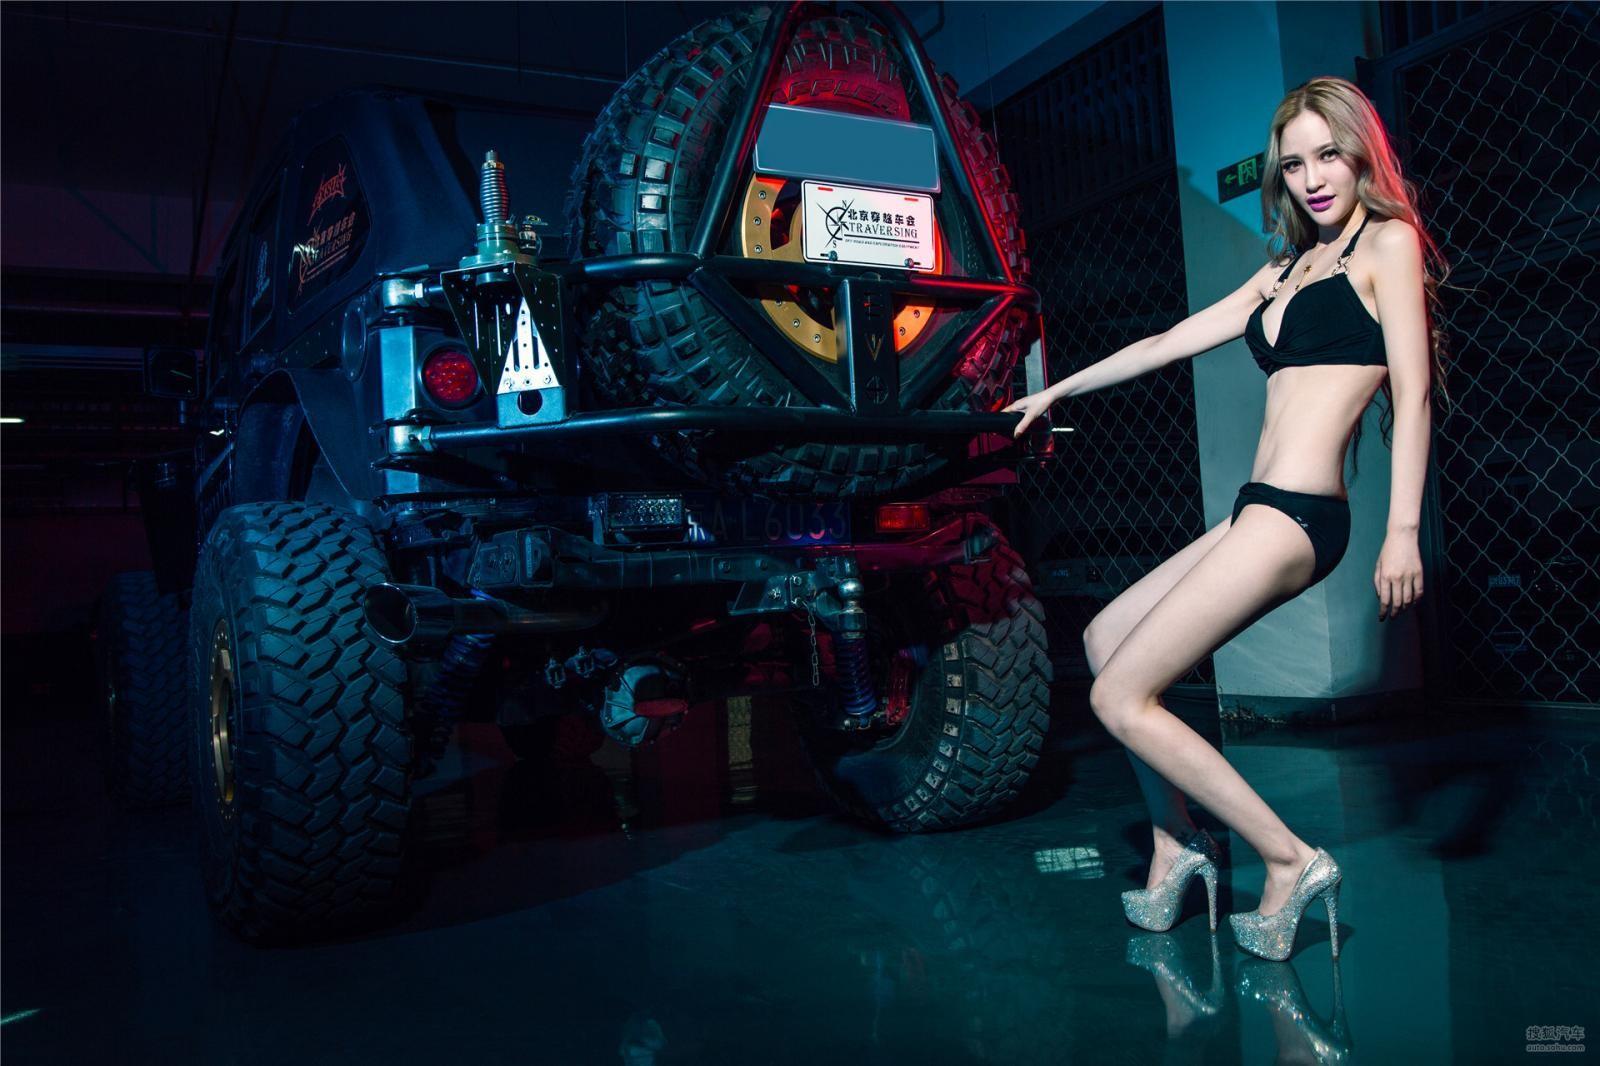 Chân dài 9x diện đồ lót đen bên mẫu xe off-road hầm hố - 9